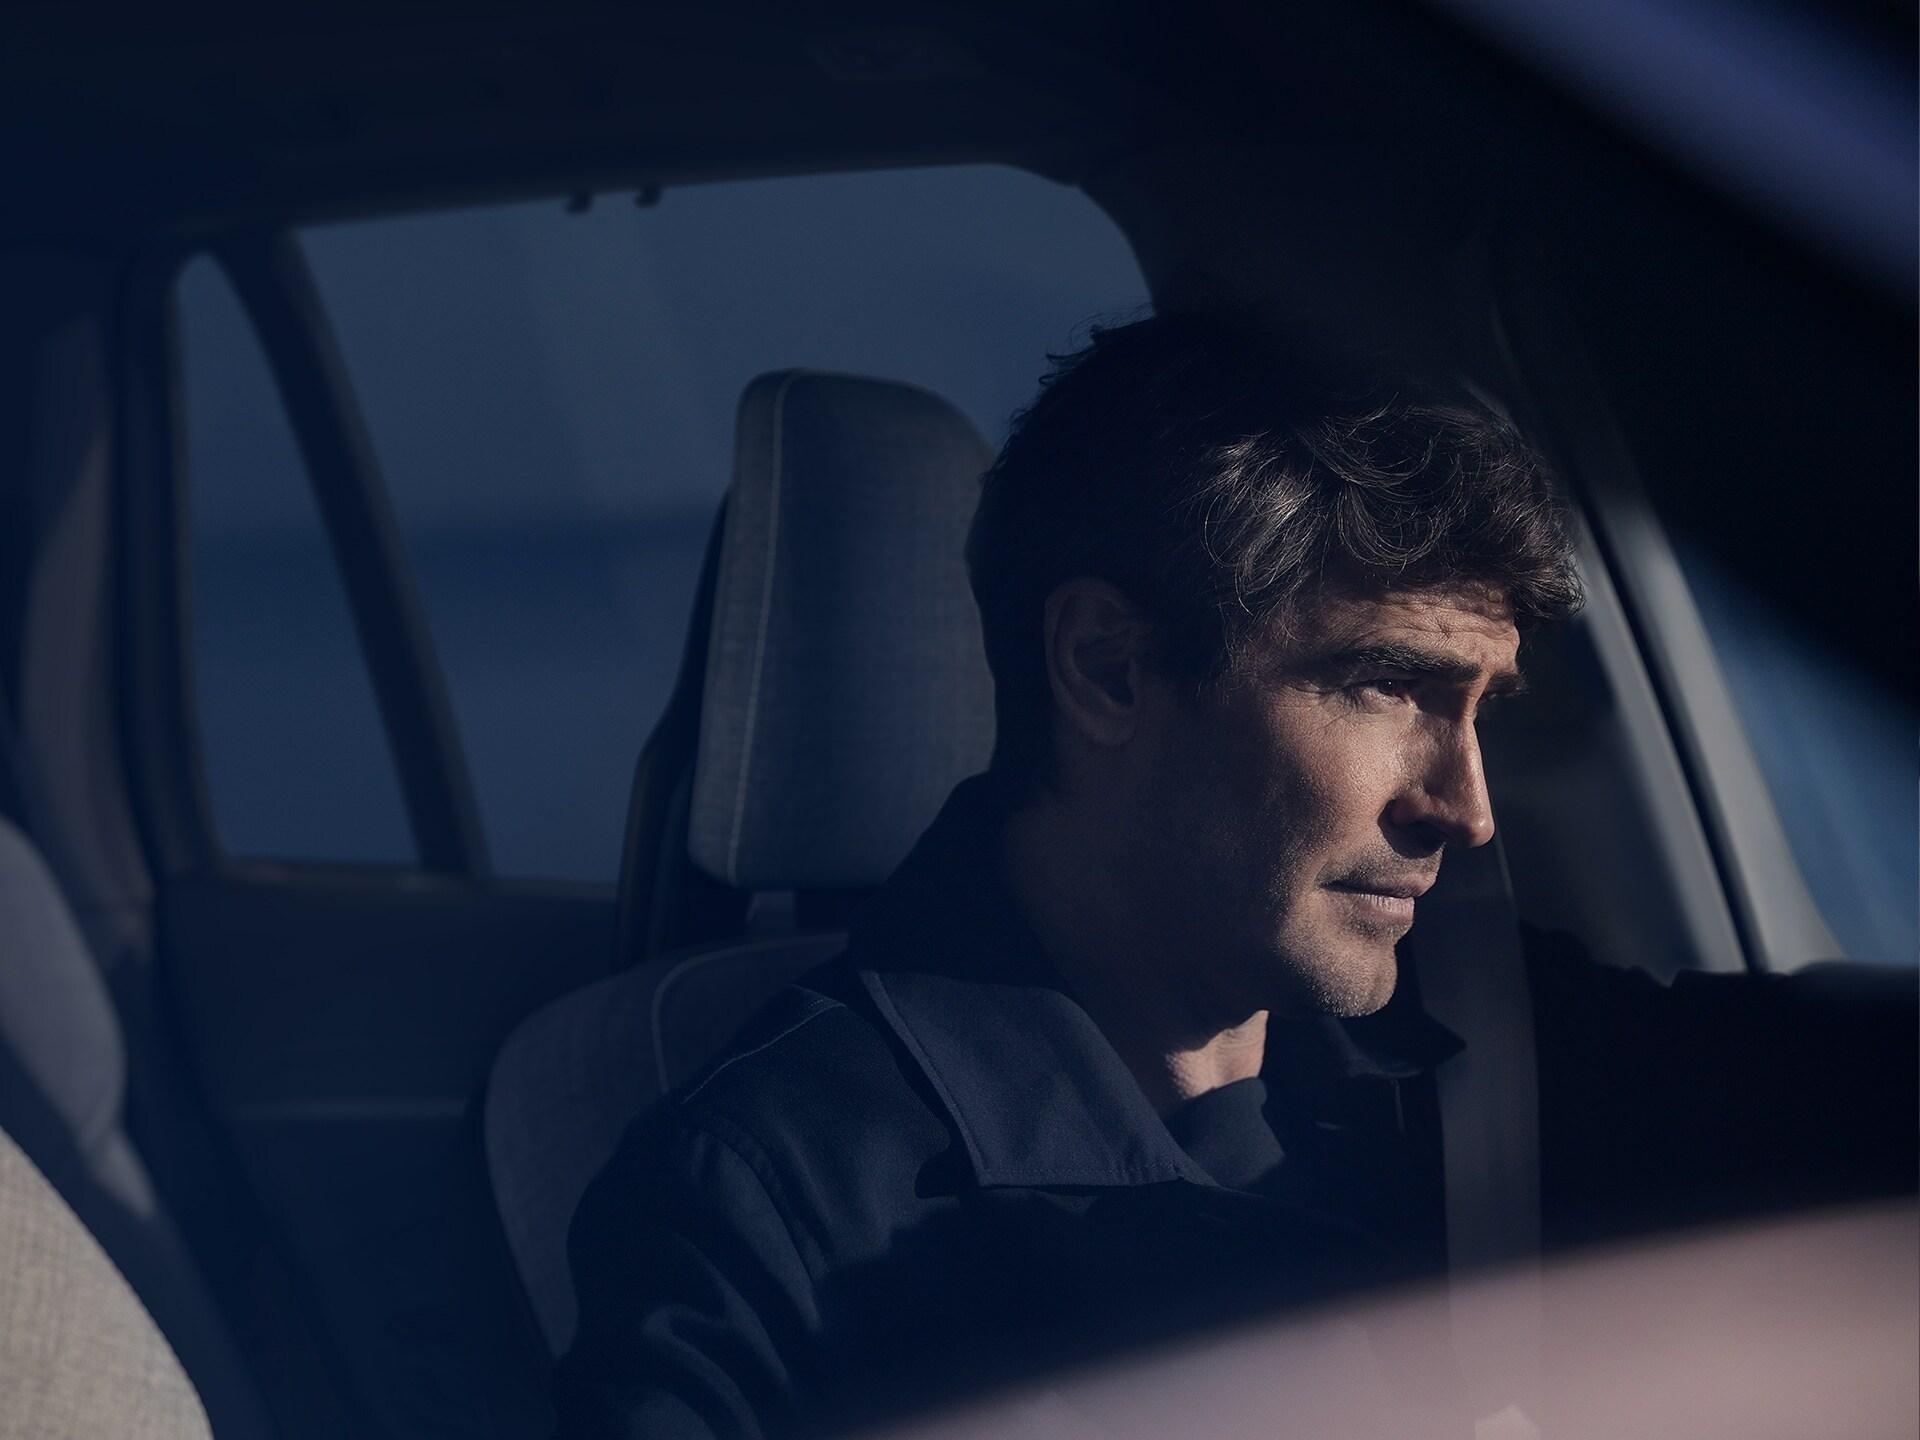 Ein Mann mit braunem Haar sitzt in einem Volvo XC90 Recharge, während die Sonne auf sein Gesicht scheint.